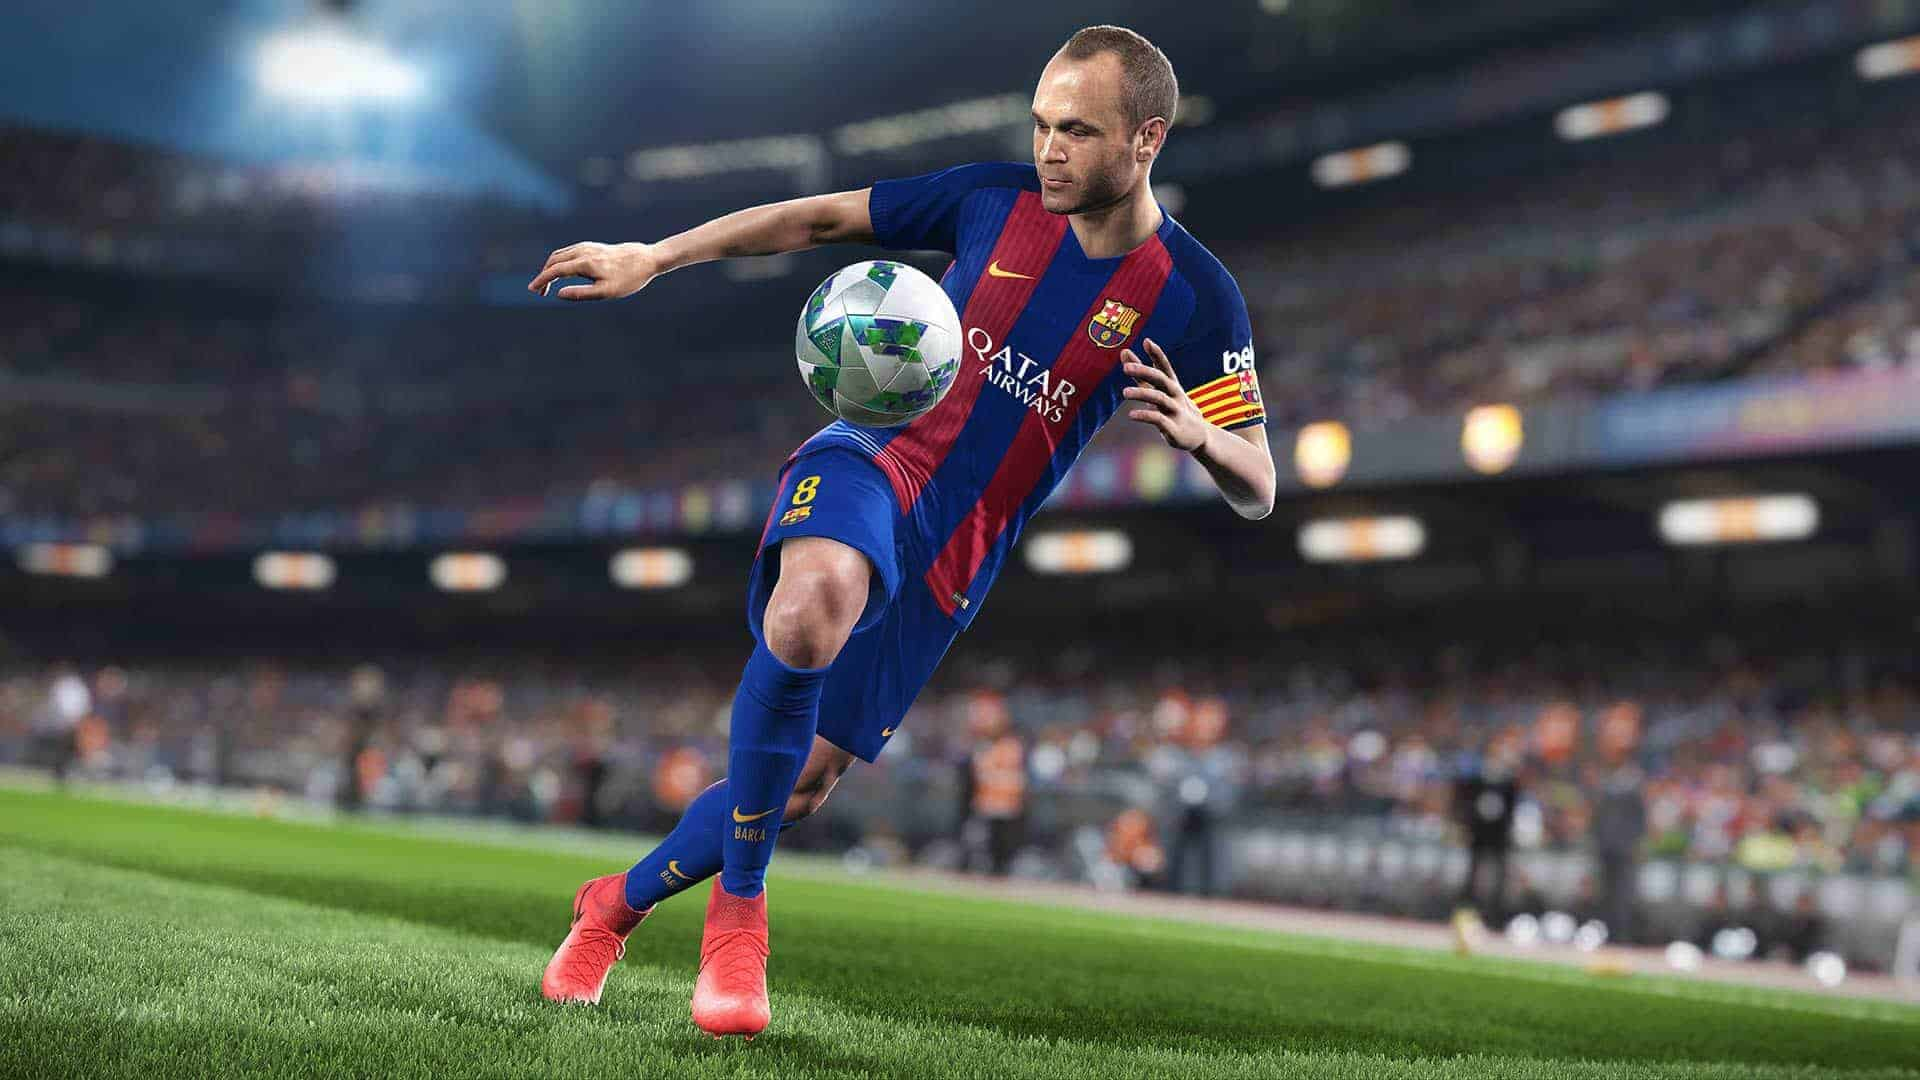 download key pro evolution soccer 2018